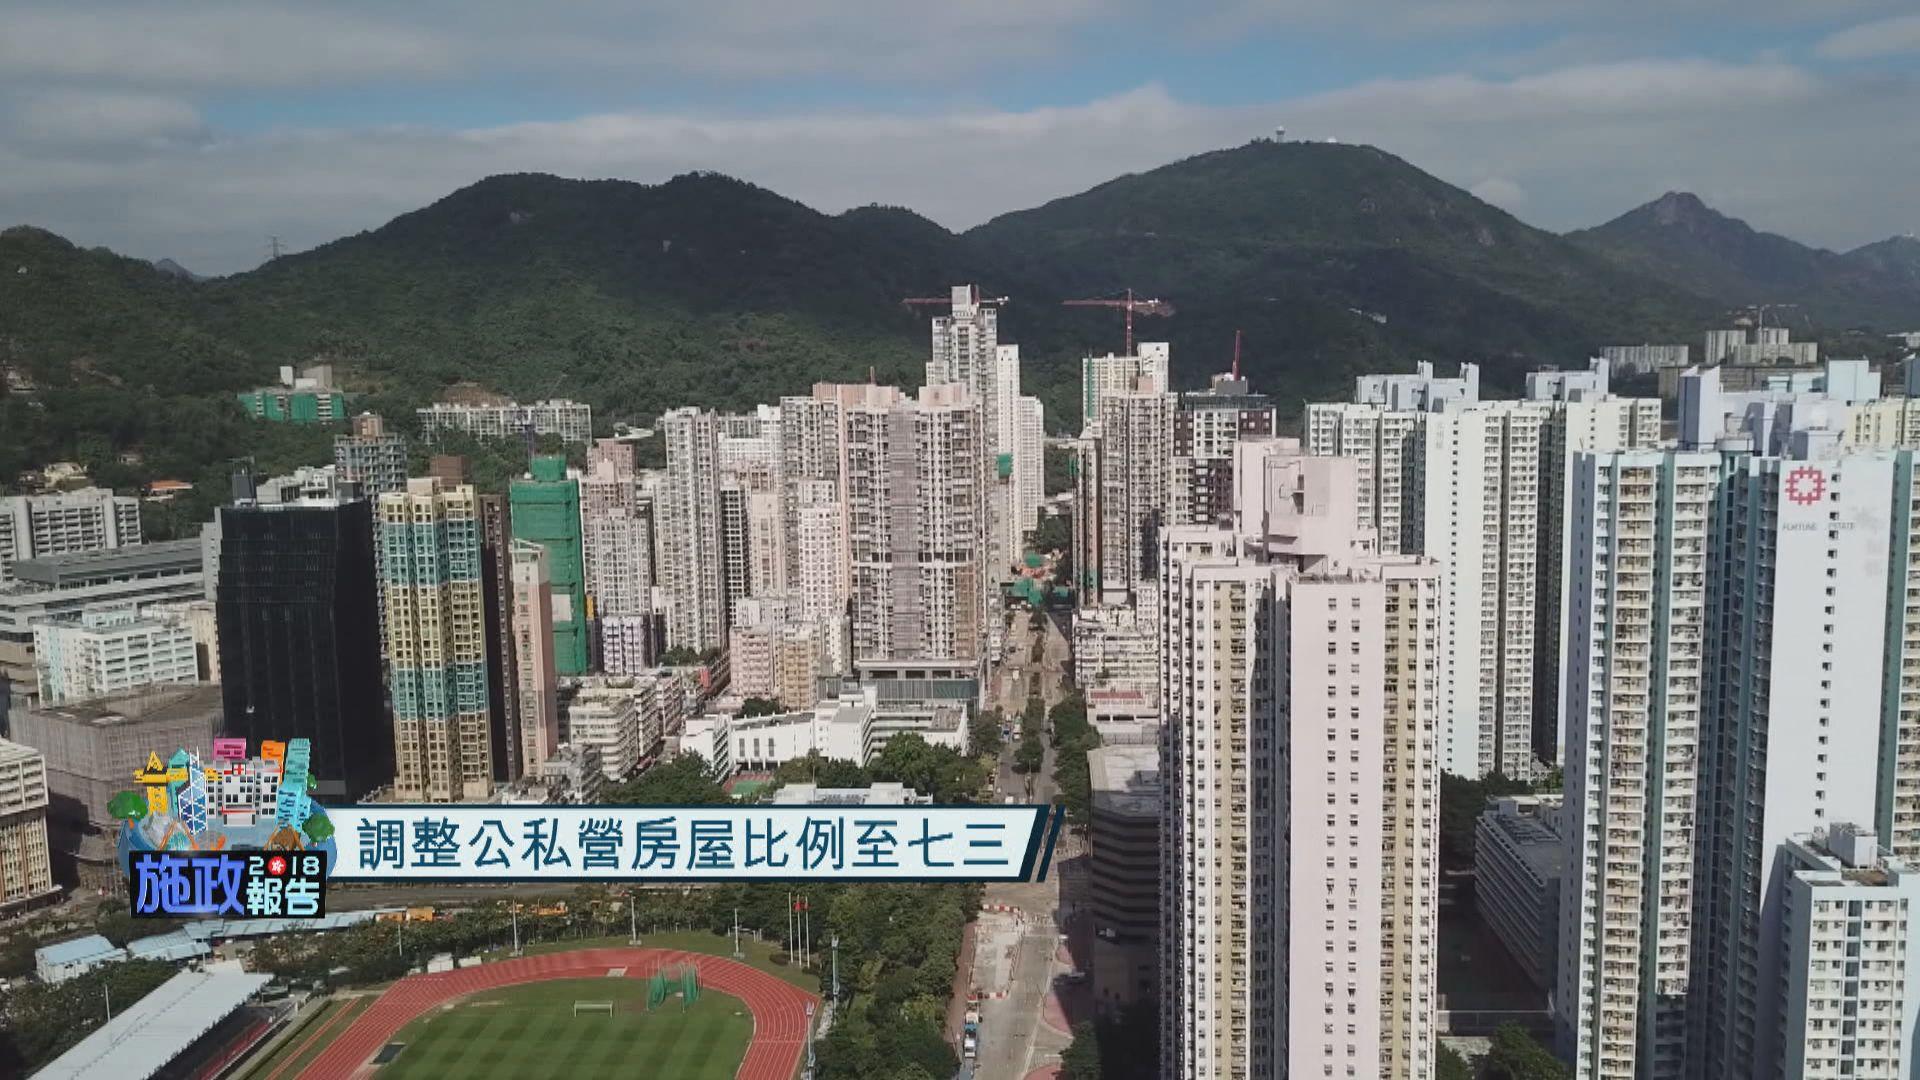 【施政報告】新增土地七成用於興建公營房屋